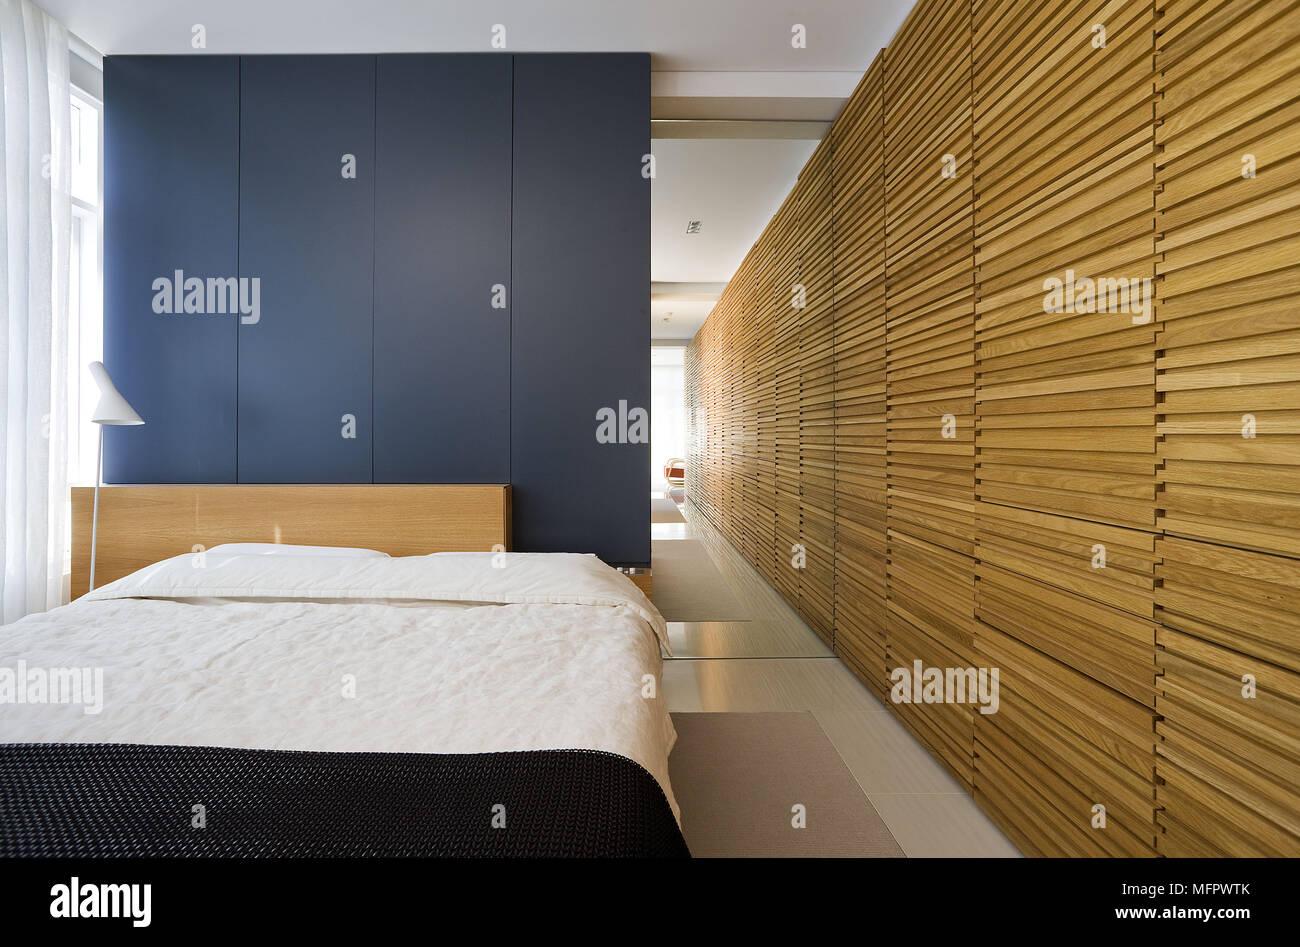 Letto matrimoniale in modern open plan camera da letto blu con ...